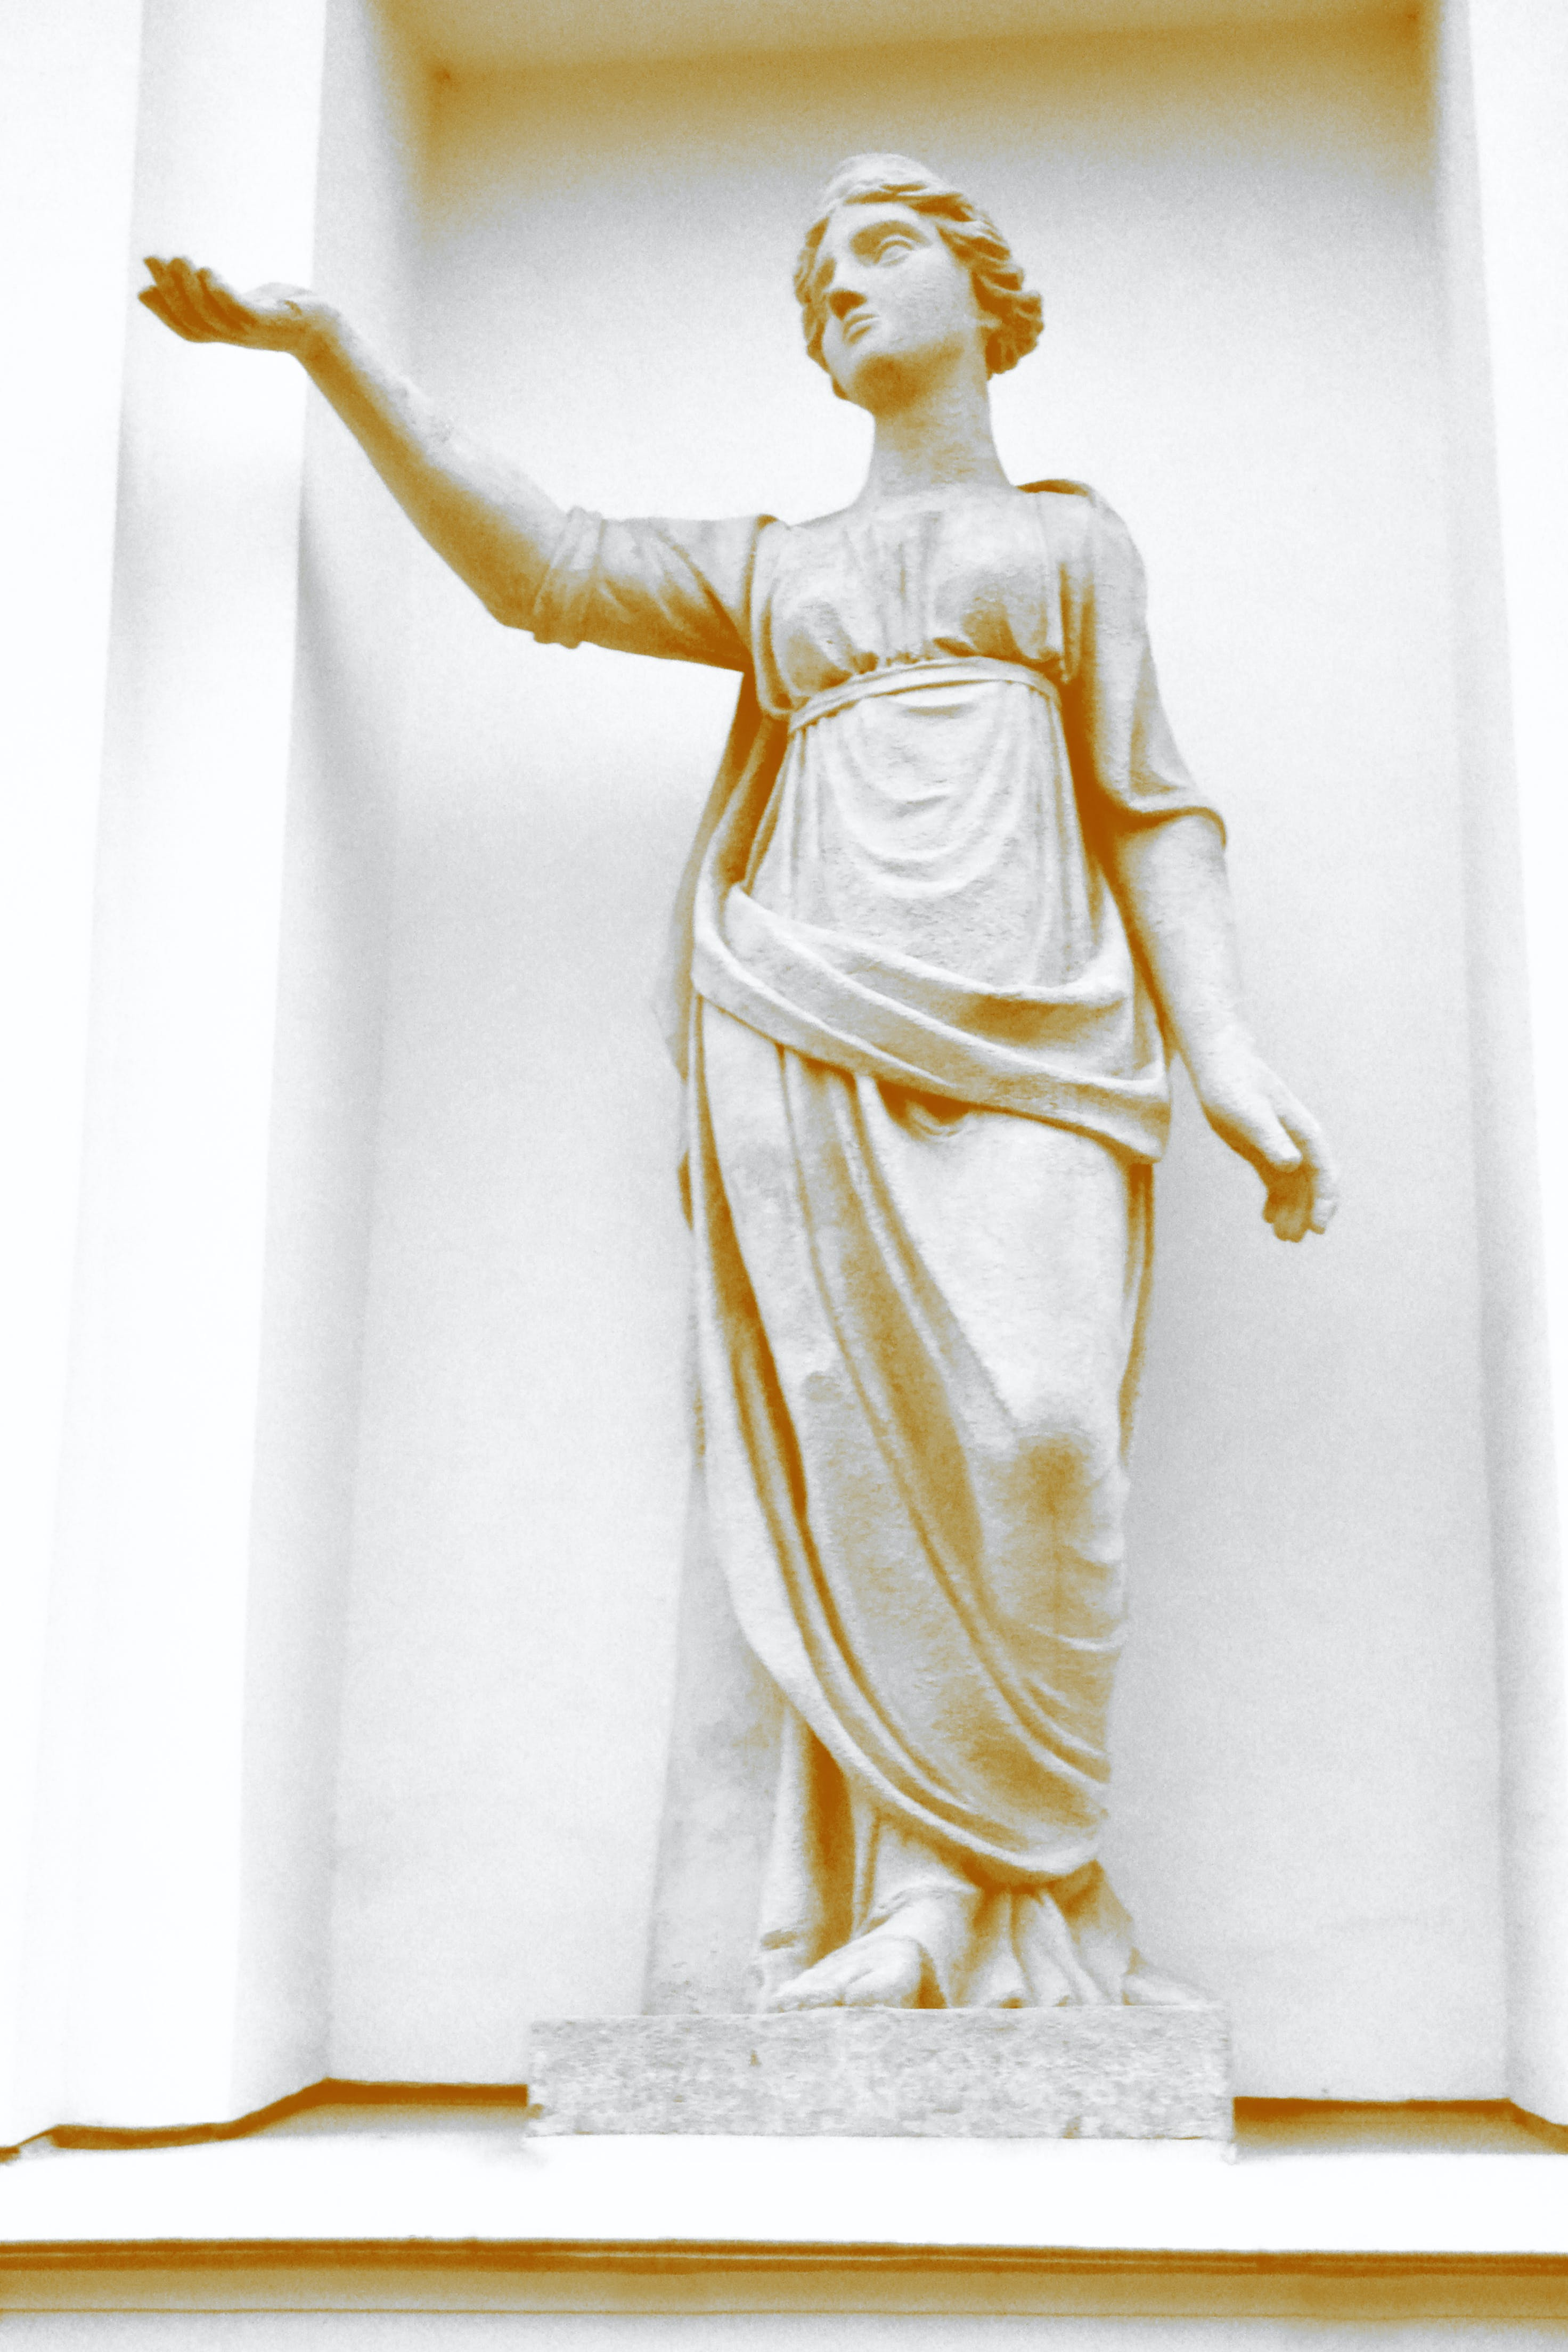 Δωρεάν στοκ φωτογραφιών με άγαλμα, γλυπτική, ελευθερία, τέχνη